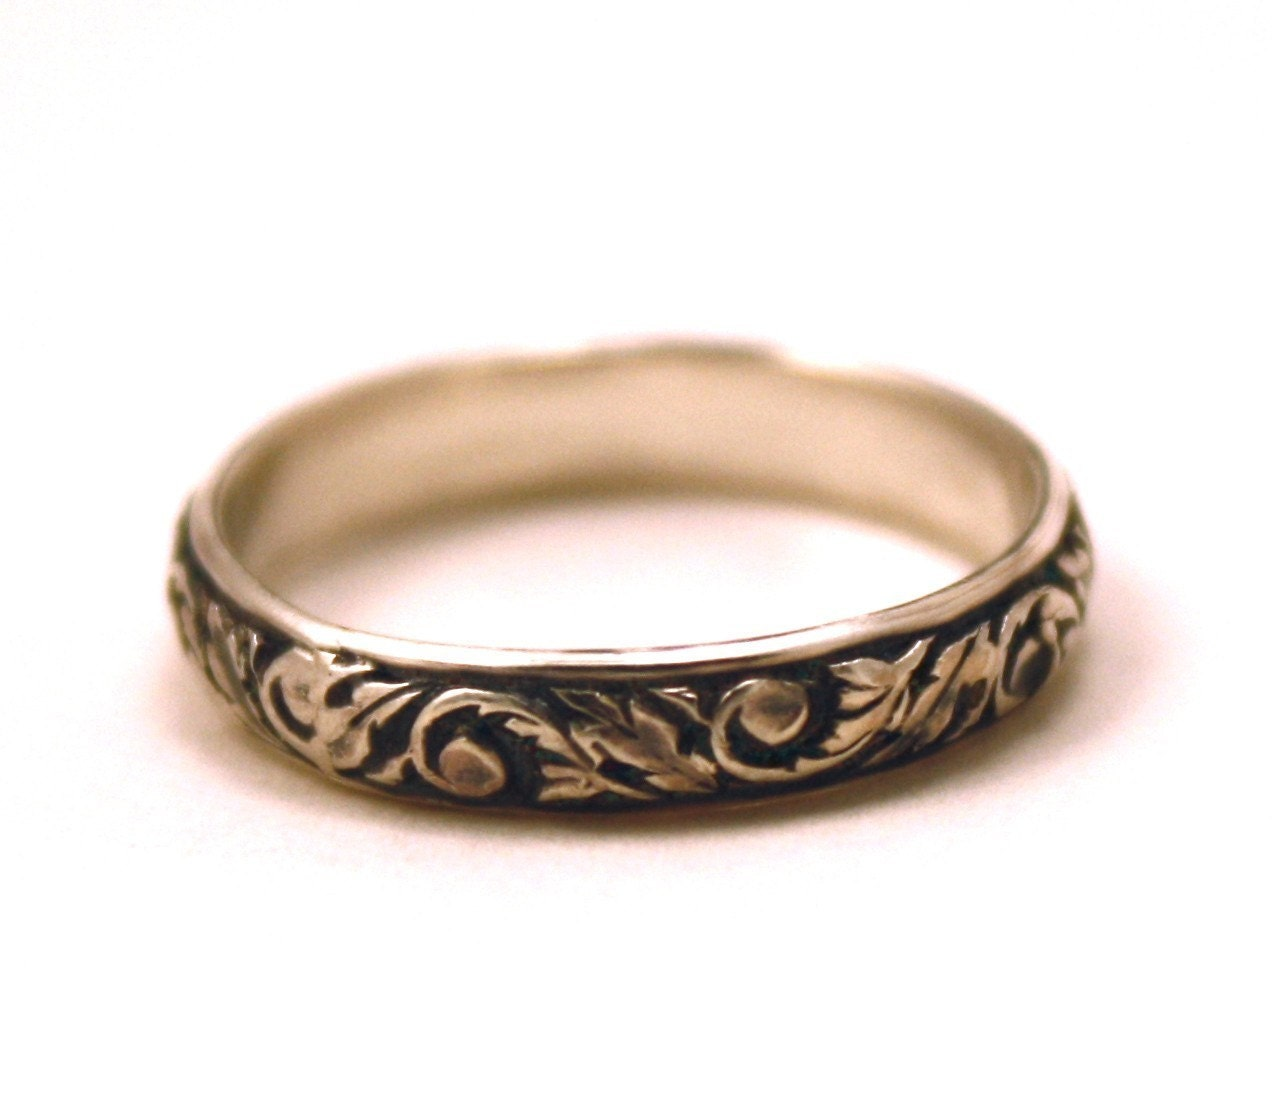 Scroll Engraving Ring